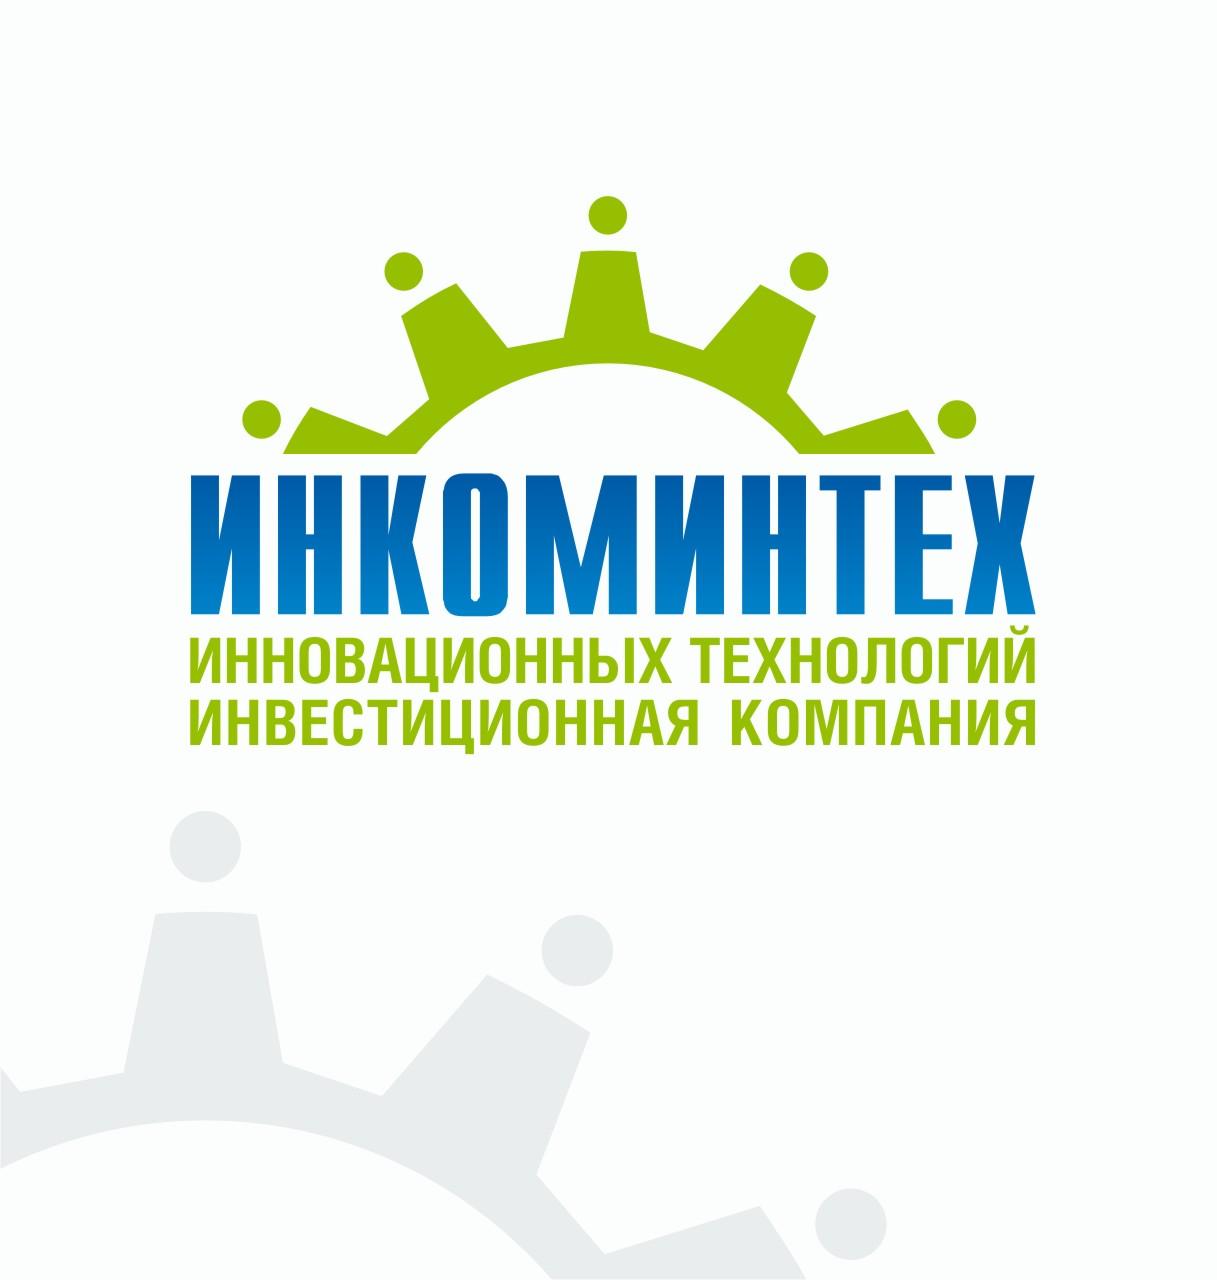 """Разработка логотипа компании """"Инкоминтех"""" фото f_4d9f01ed52ffa.jpg"""